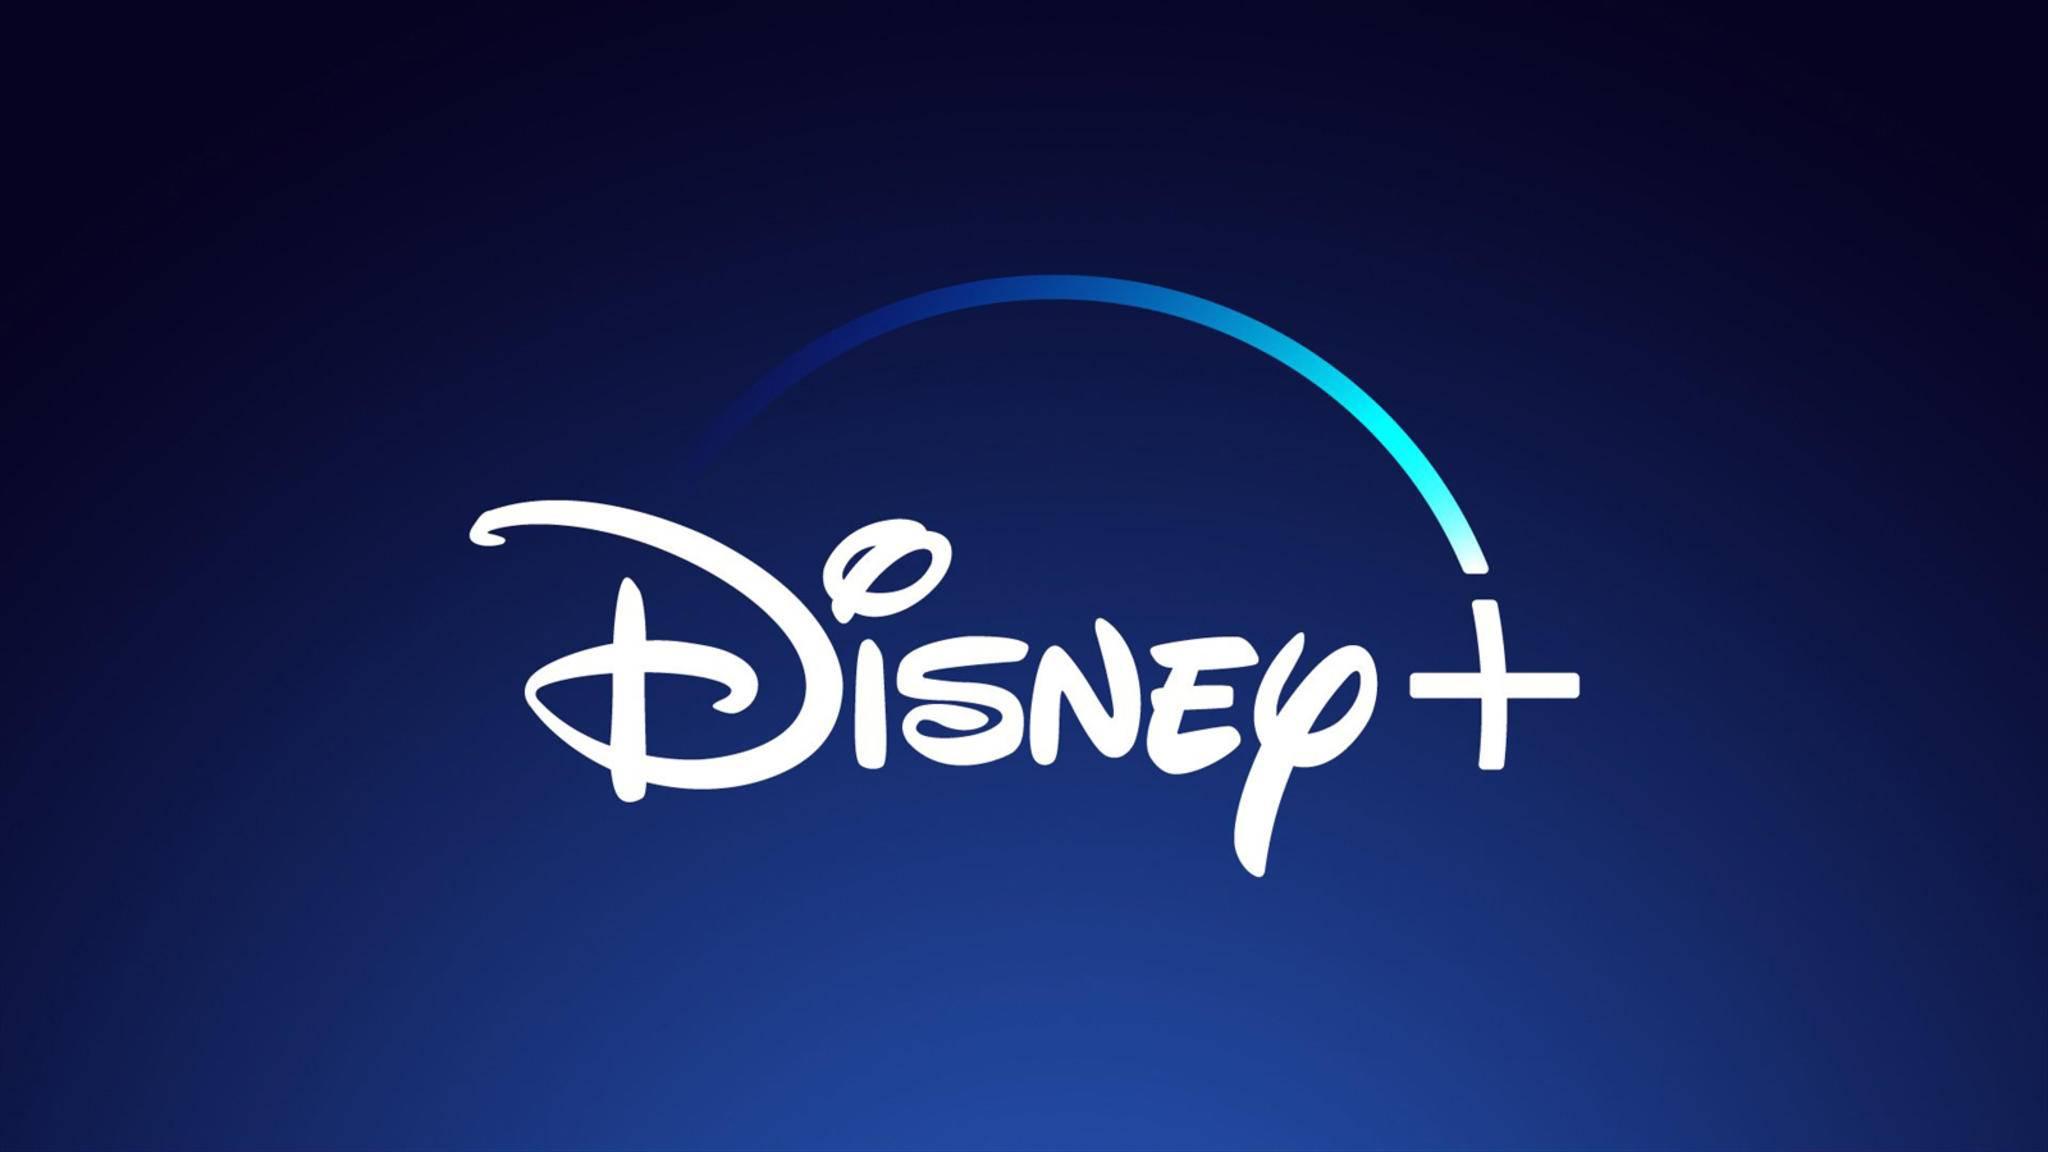 Die Deutsche Telekom und Disney+ machen jetzt gemeinsame Sache.